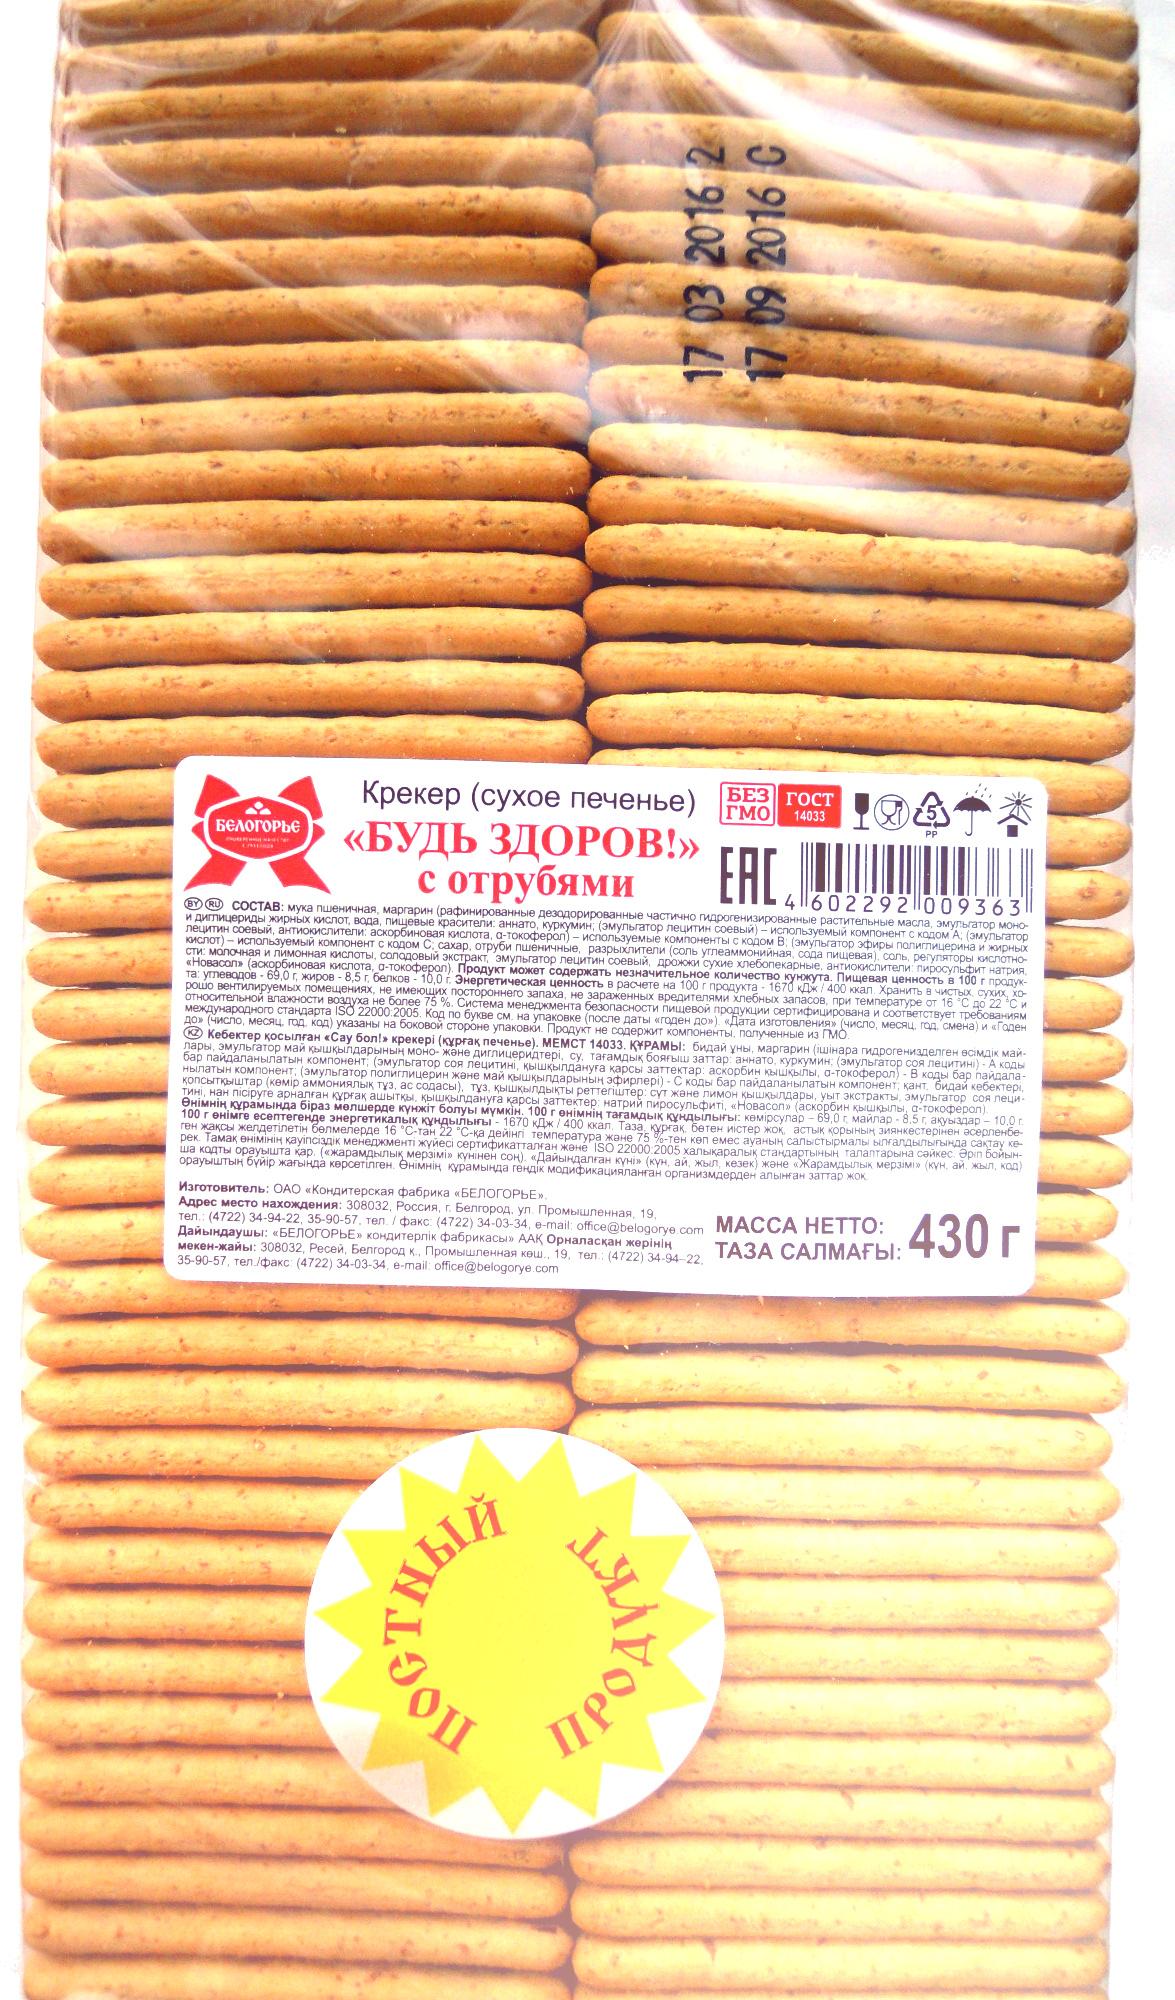 Крекер (сухое печенье) «Будь здоров!» с отрубями - Product - ru